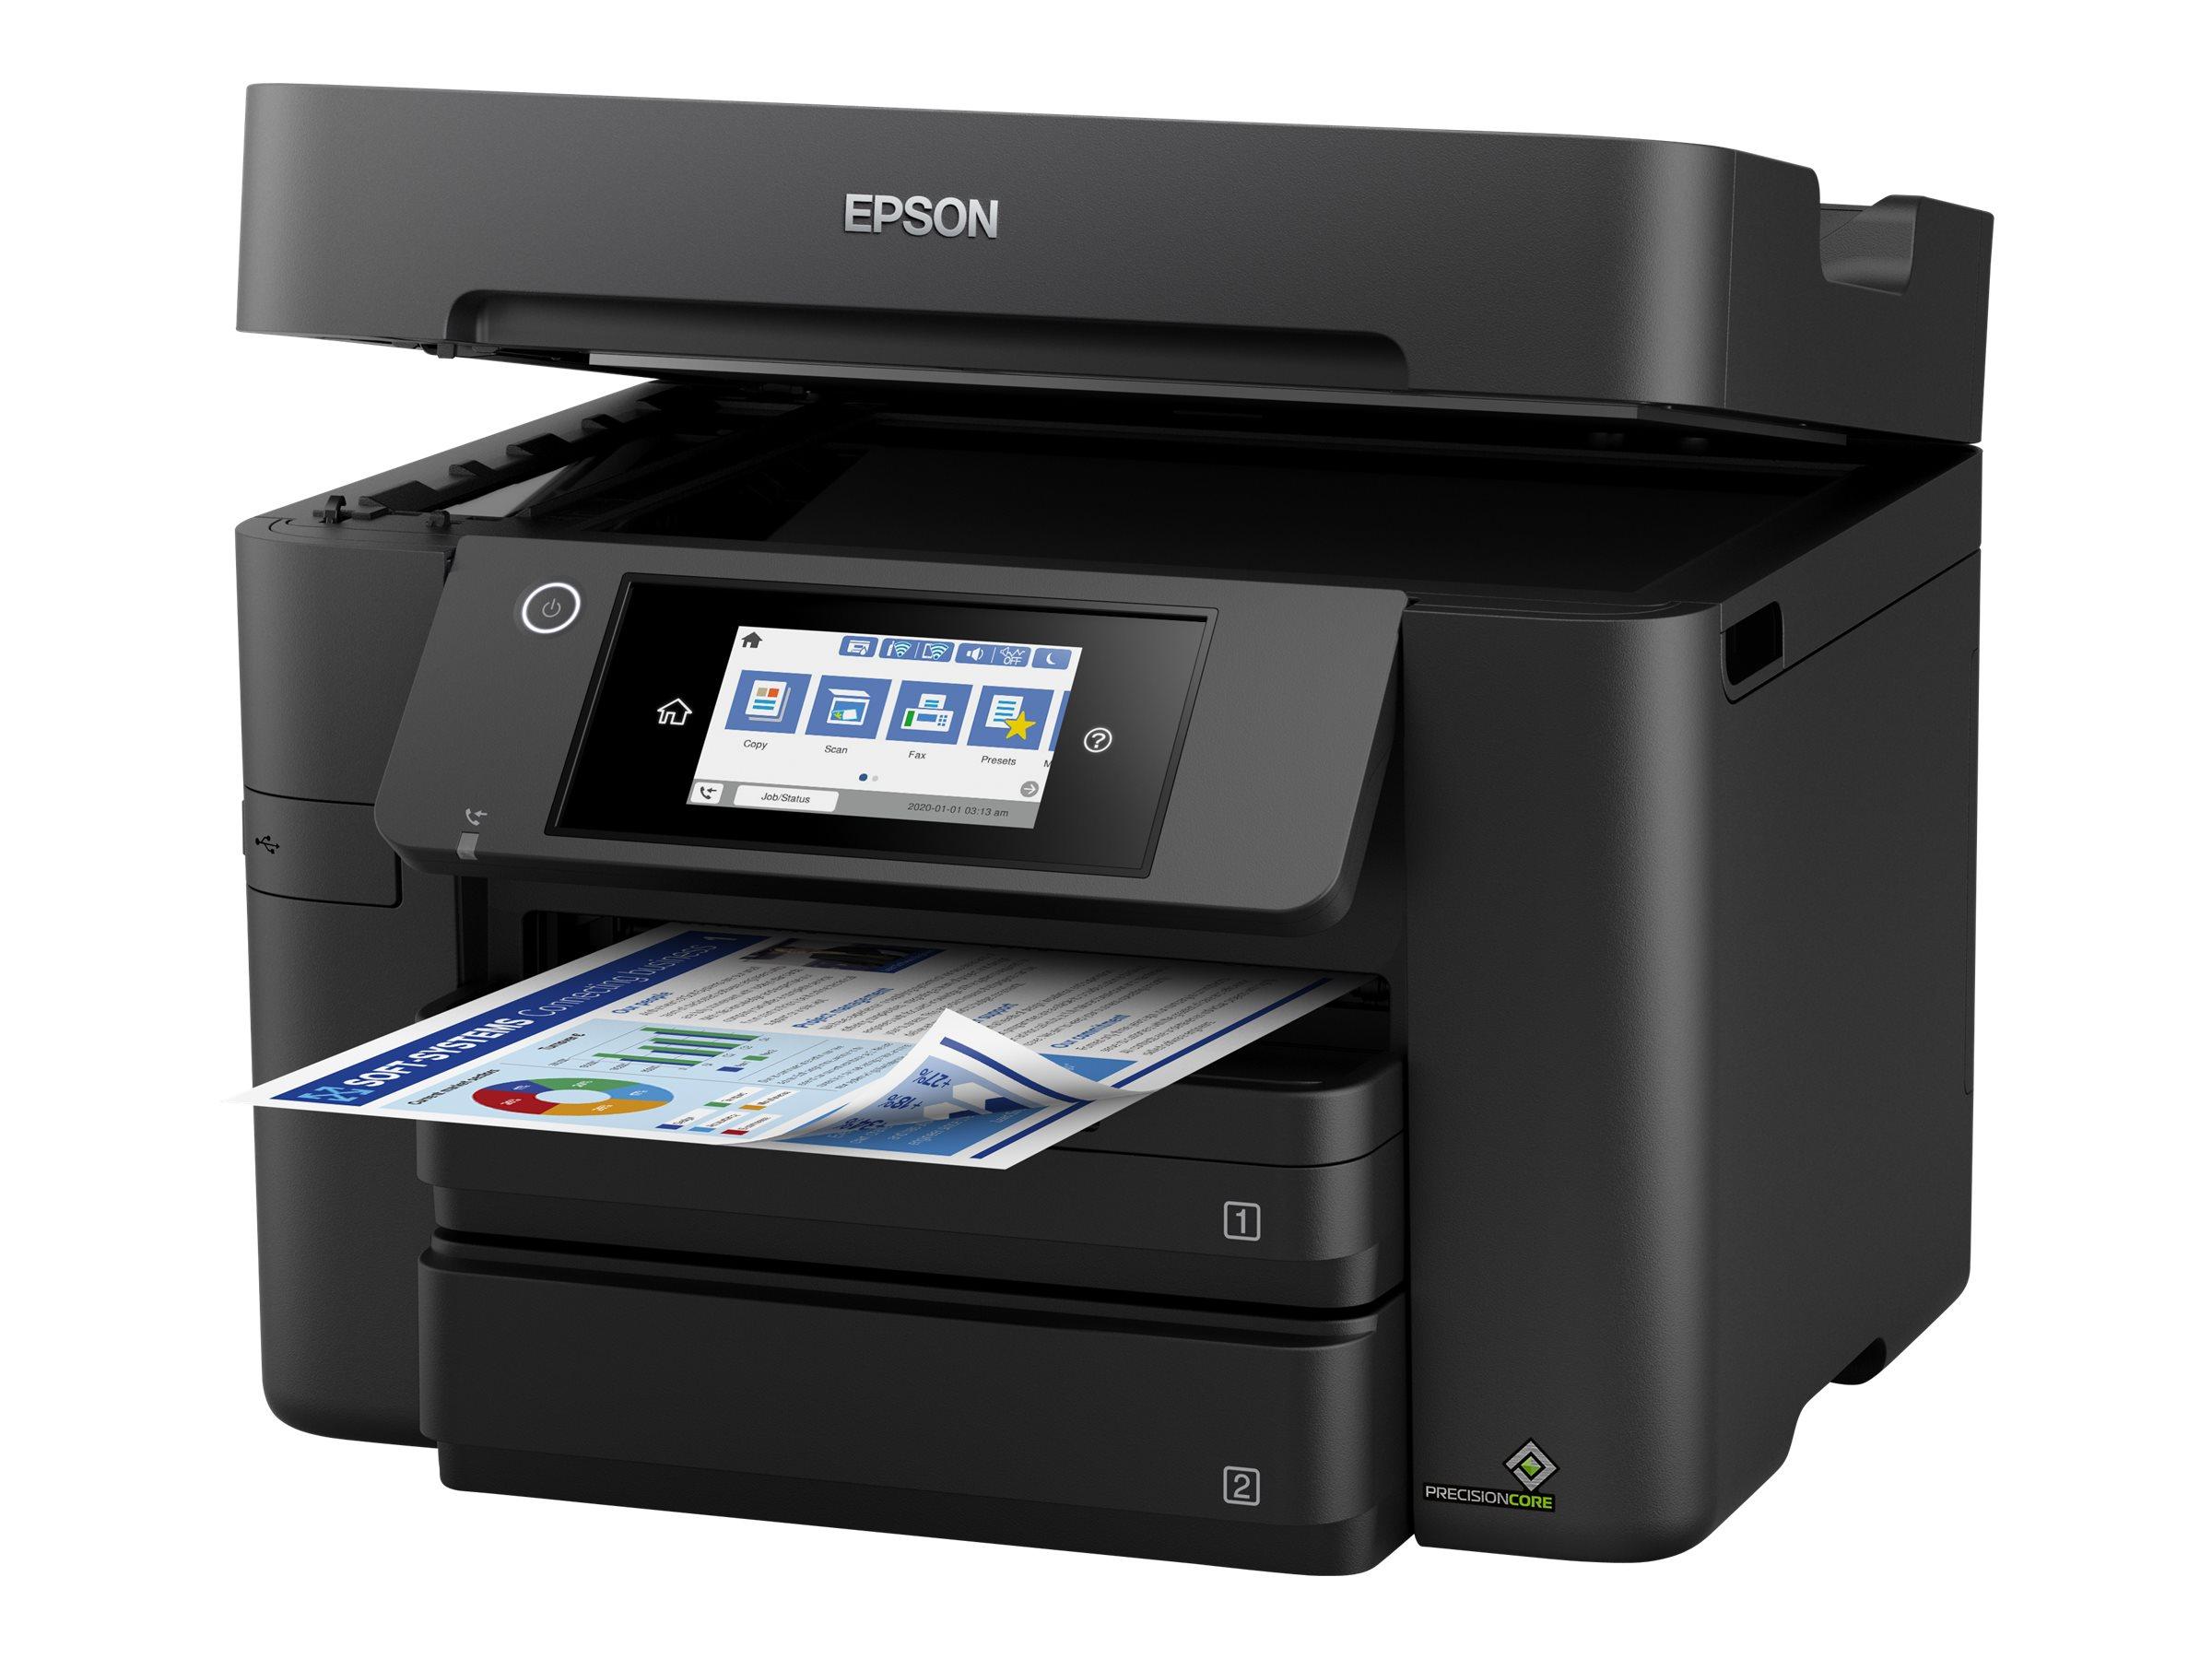 Epson WorkForce Pro WF-4830DTWF - Multifunktionsdrucker - Farbe - Tintenstrahl - A4/Legal (Medien) - bis zu 25 Seiten/Min. (Druc